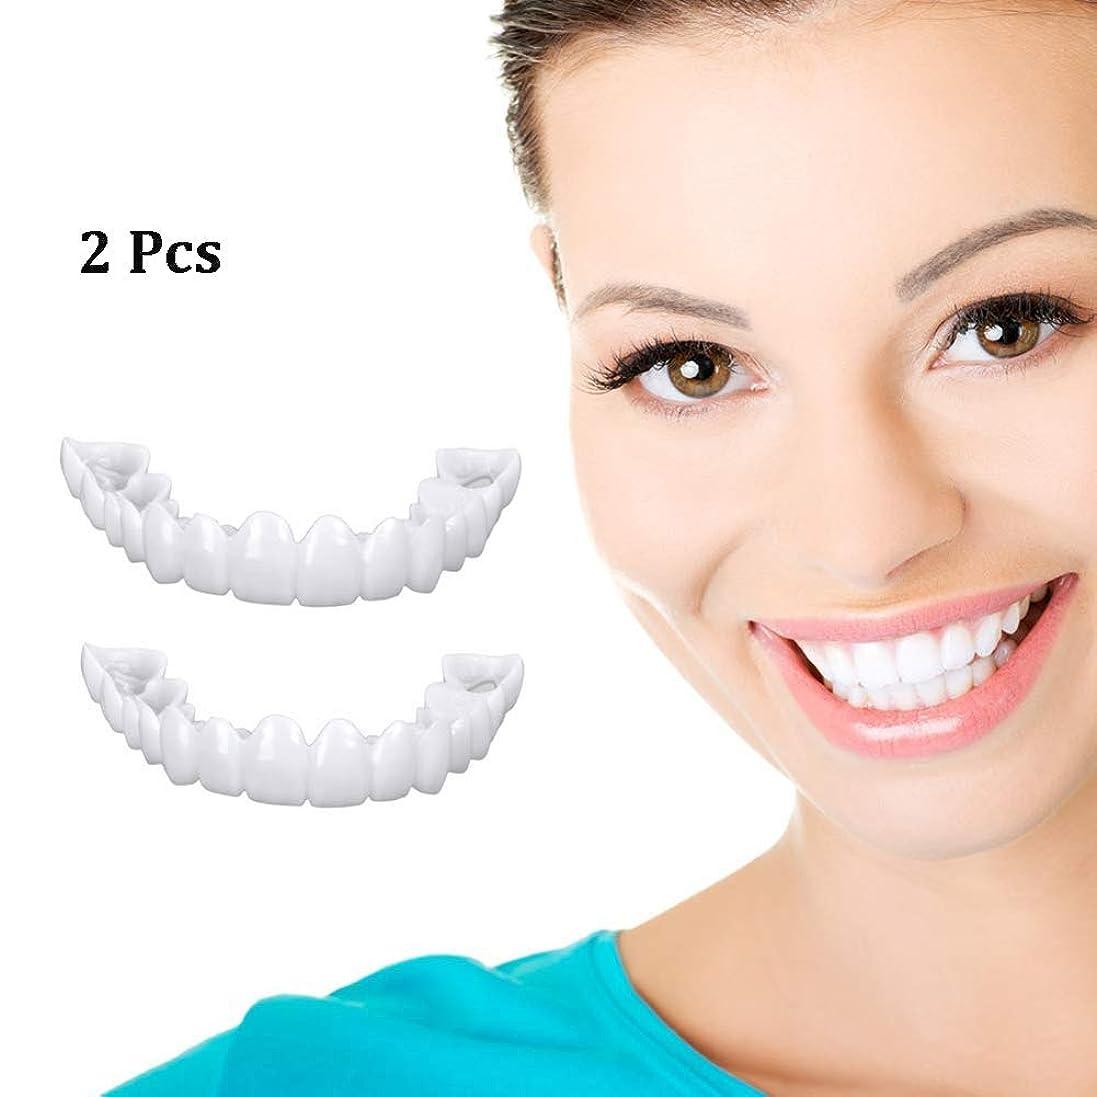 れんが連想前述のインスタントスマイルコンフォートフィット化粧品義歯義歯ベニア歯コンフォートフィットフレックス化粧品歯上歯突き板および下突き板 - 歯突き板,1Pcs